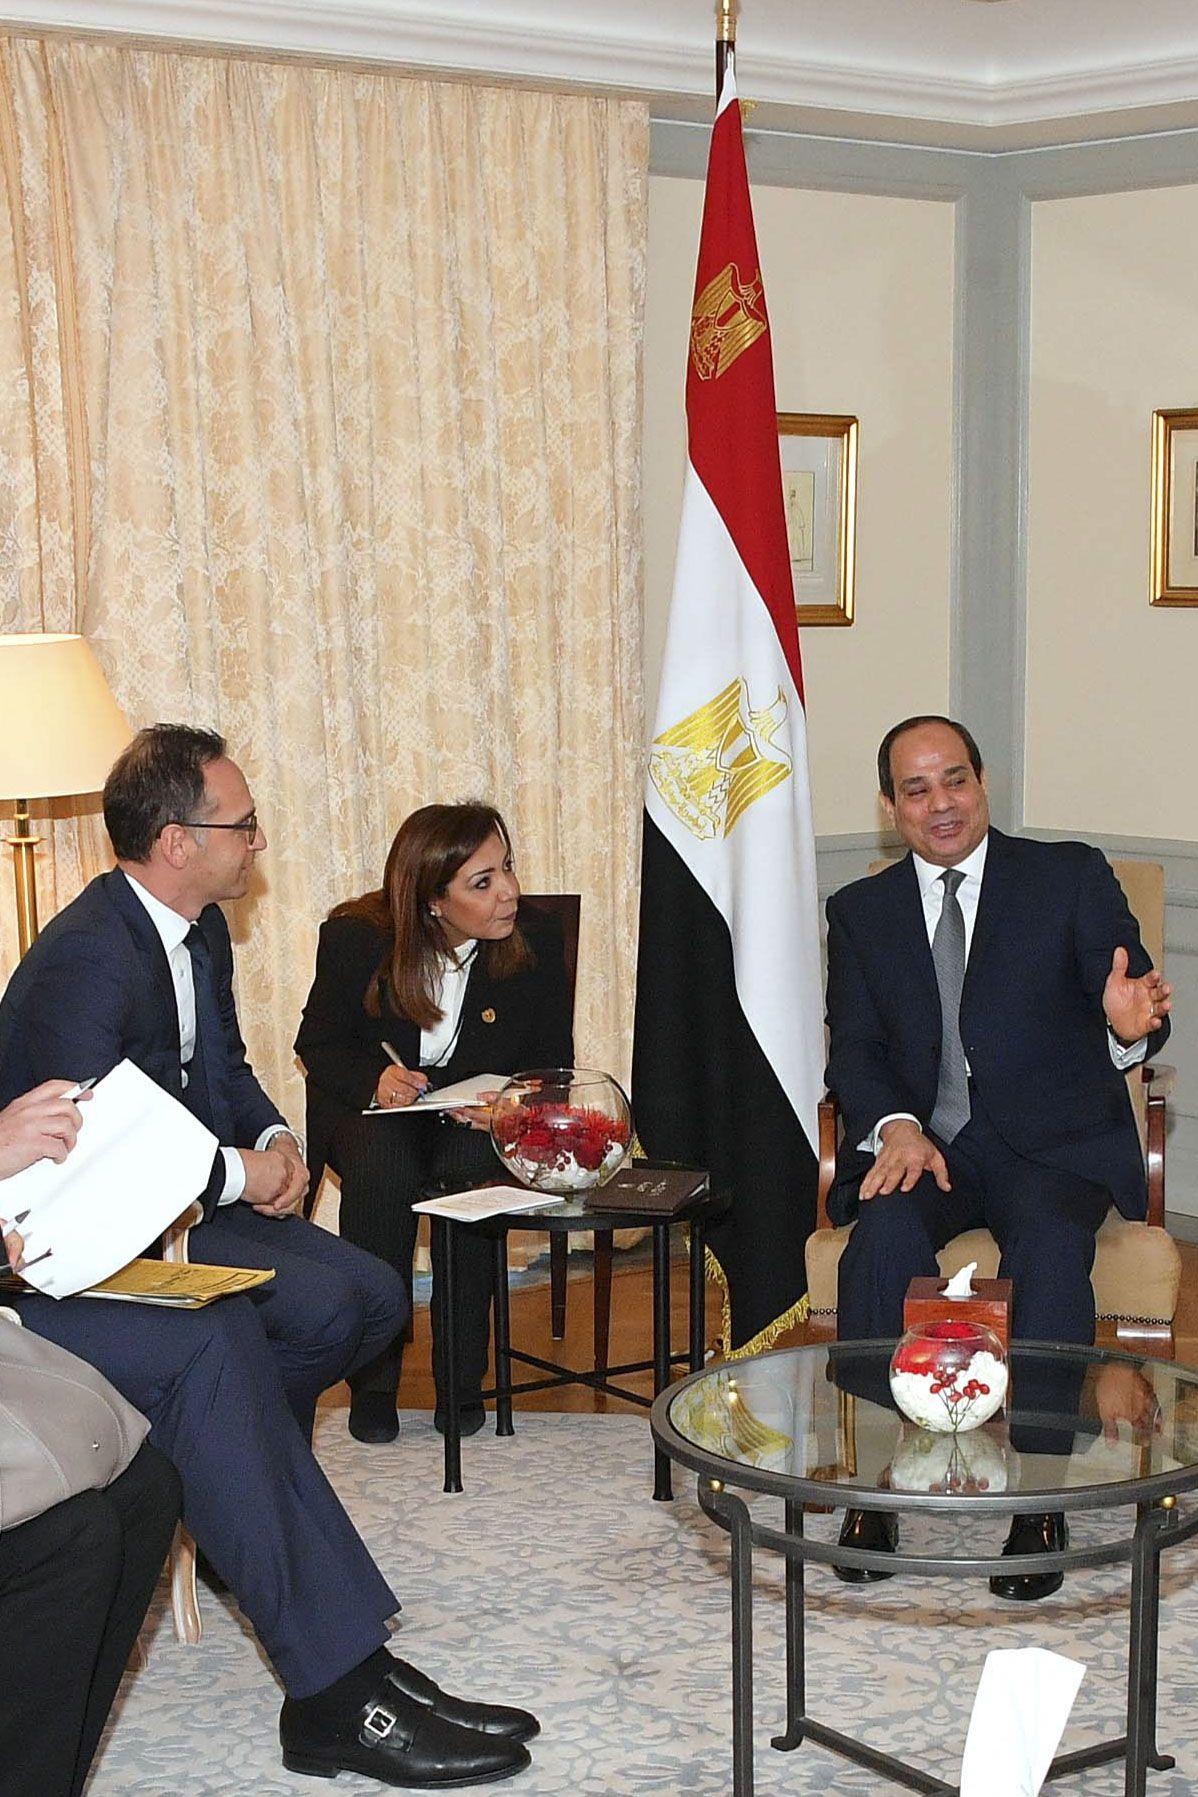 Ägyptischer Präsident besucht Deutschland